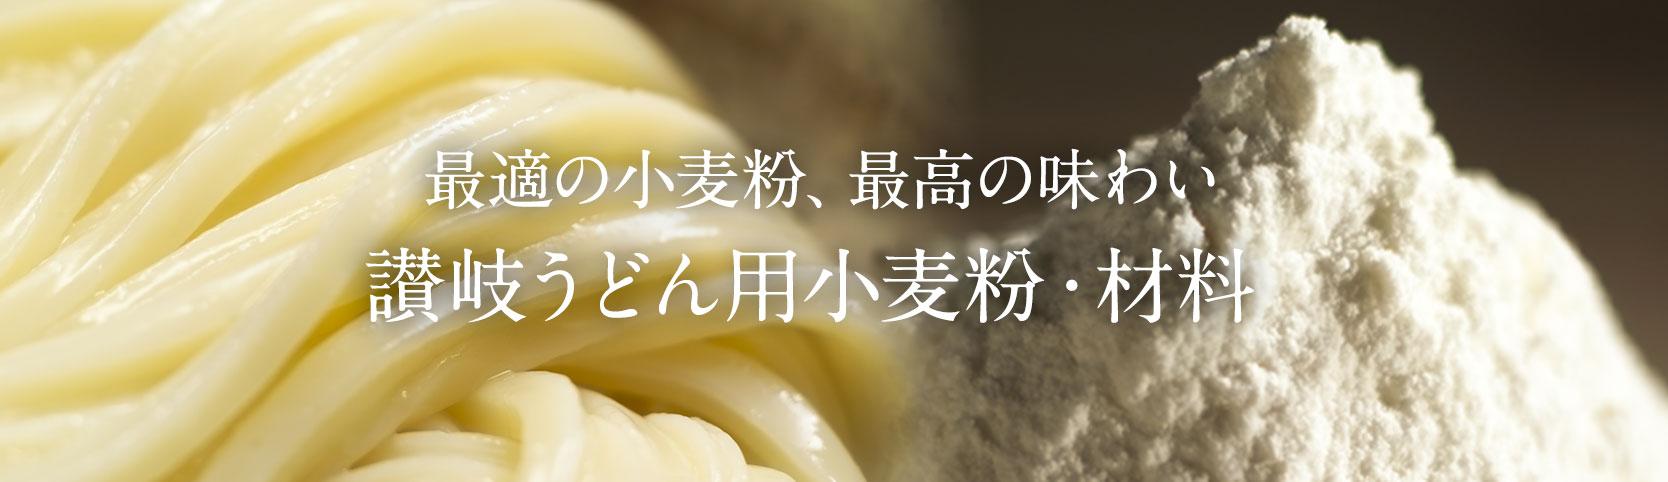 最適の小麦粉、最高の味わい 讃岐うどん用小麦粉・材料